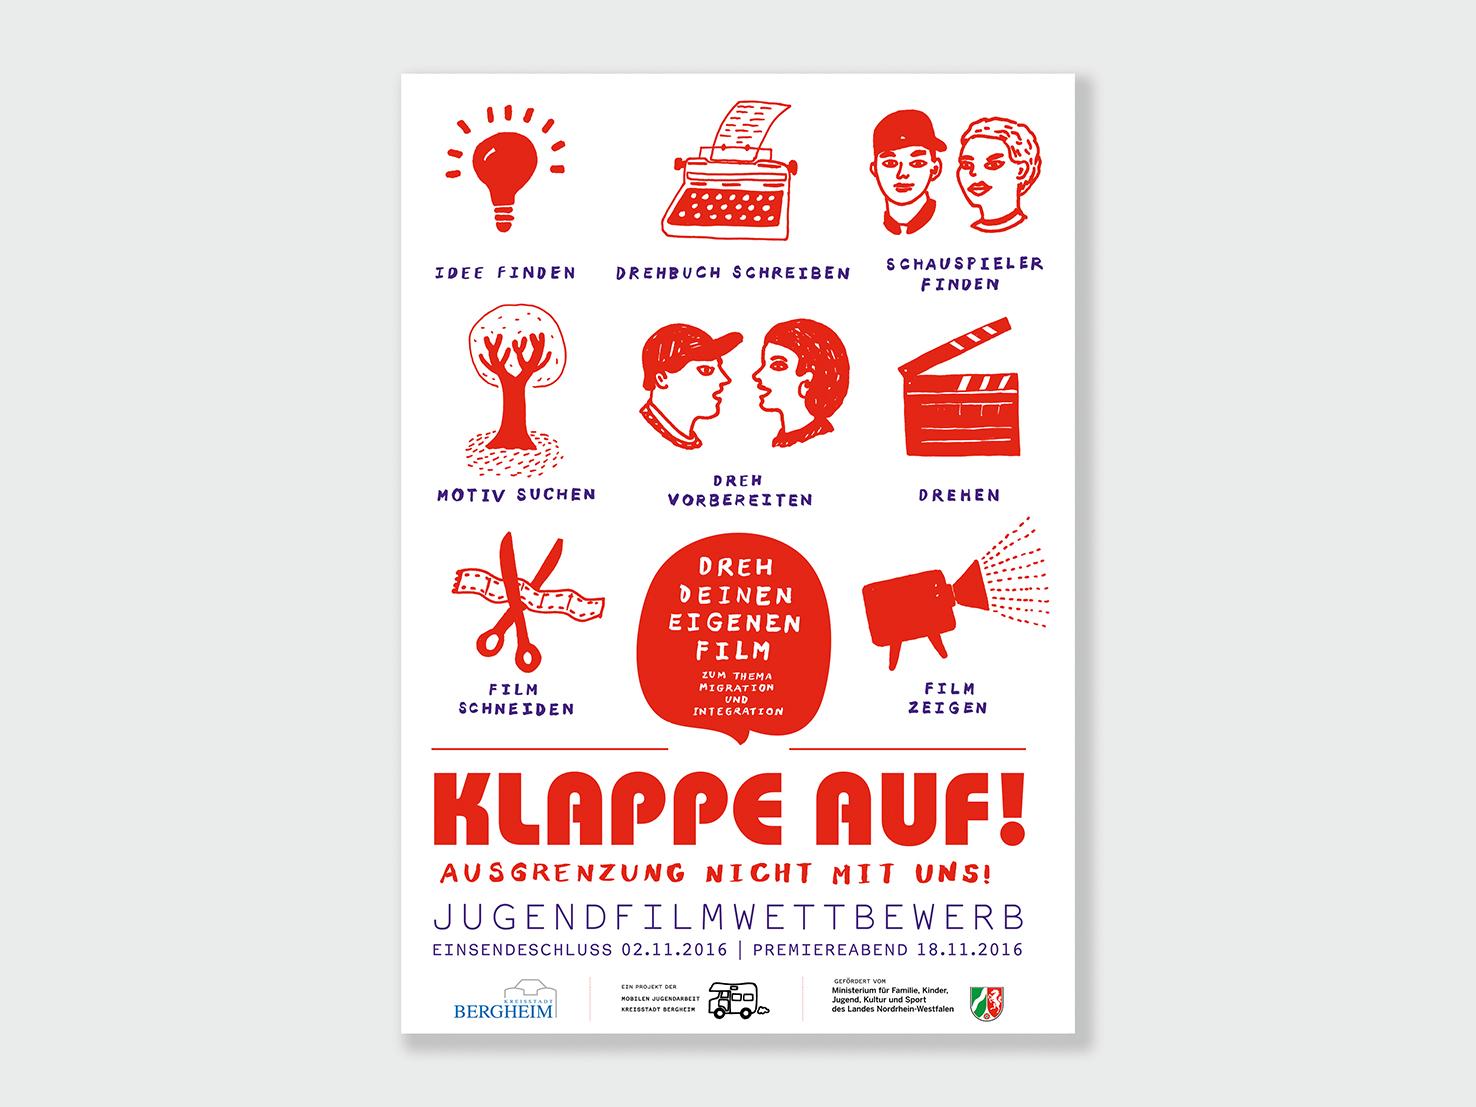 Plakat Klappe auf, Jugendfilmwettbewerb